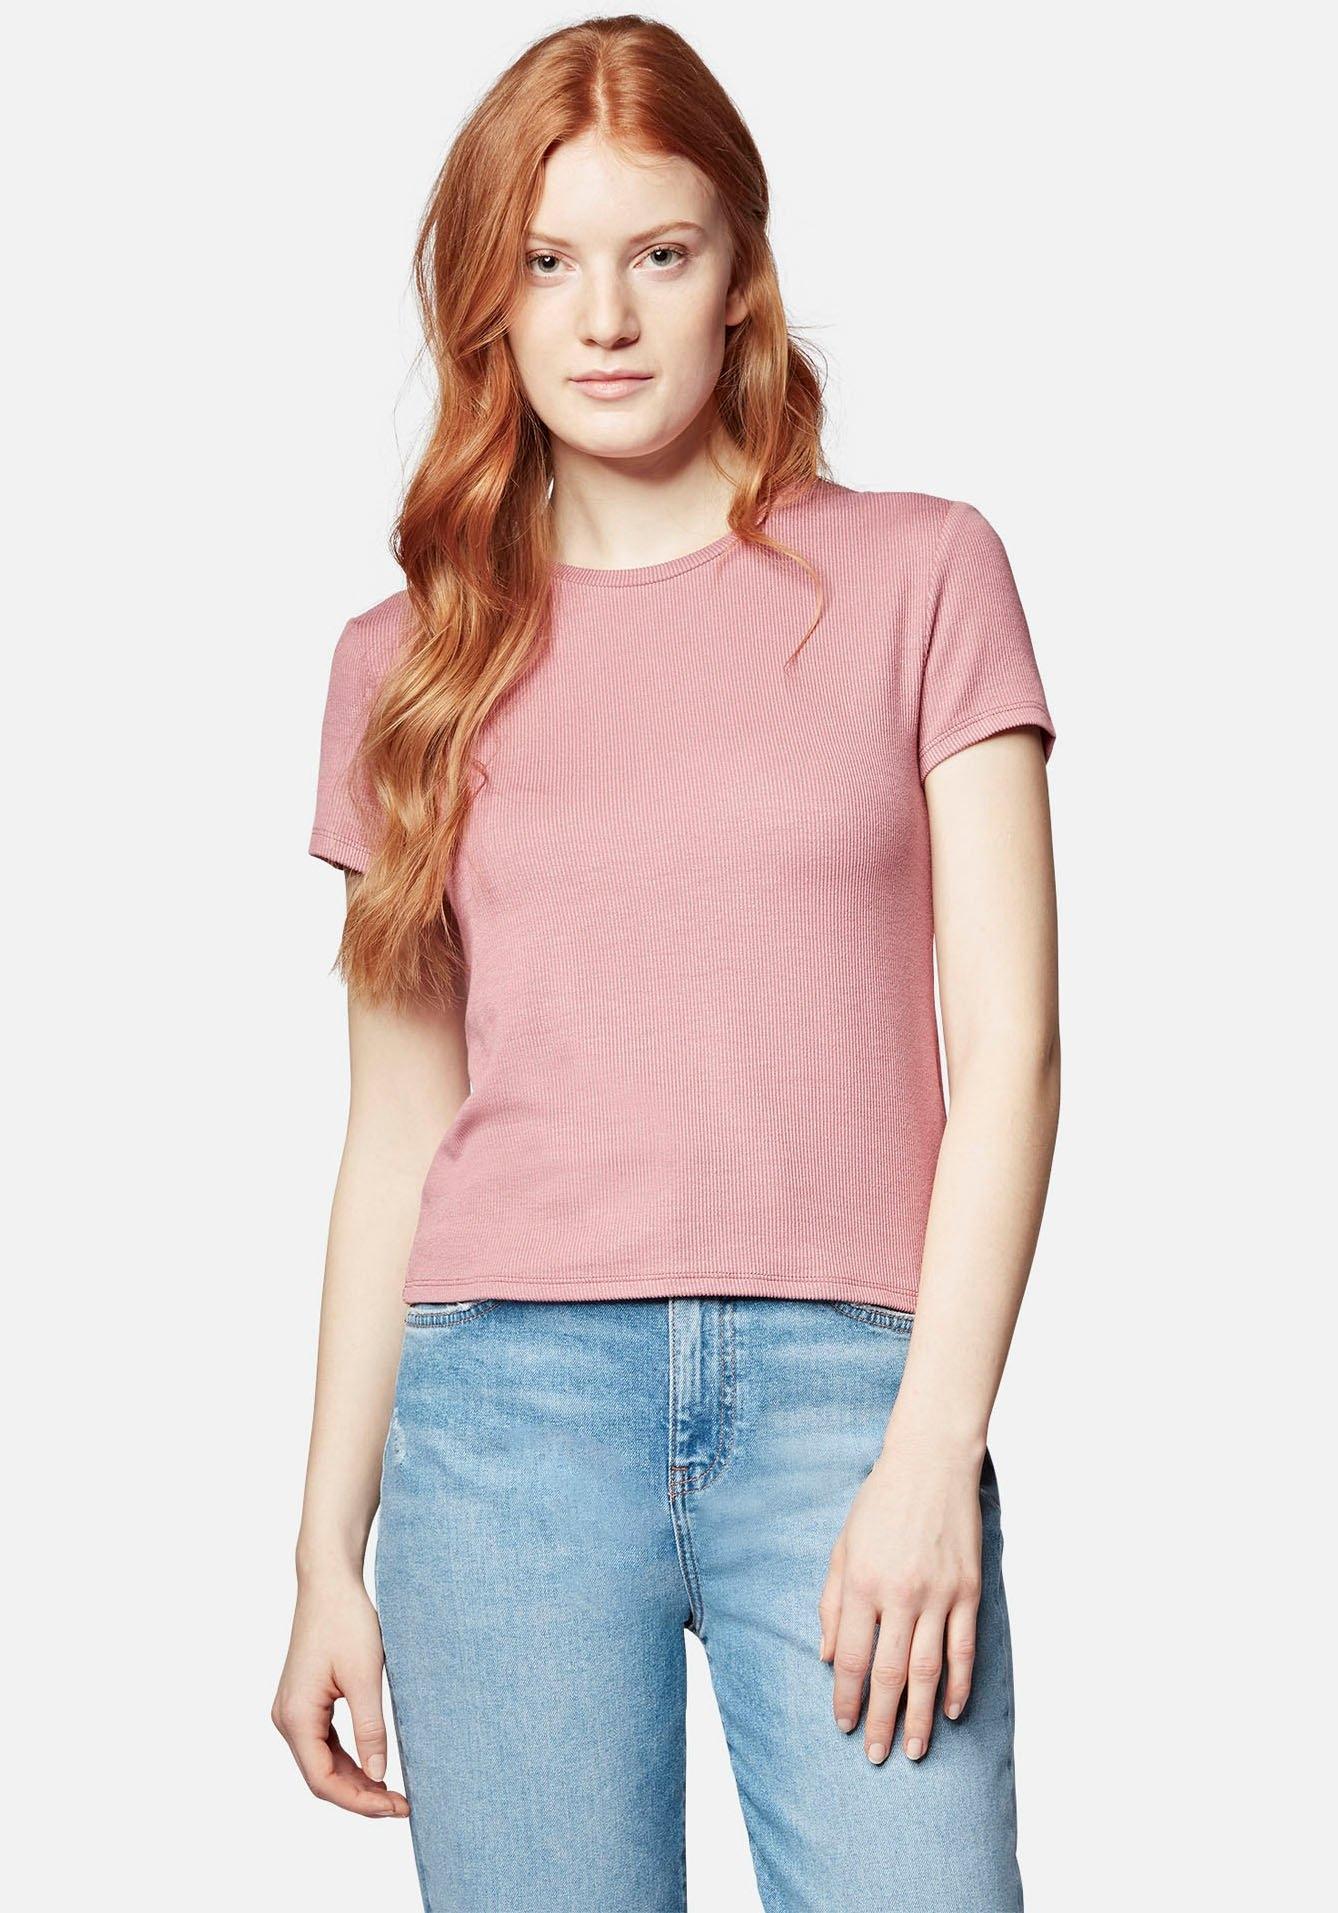 Mavi Jeans T-shirt SHORT SLEEVE TOP in zachte viscosemix bij OTTO online kopen